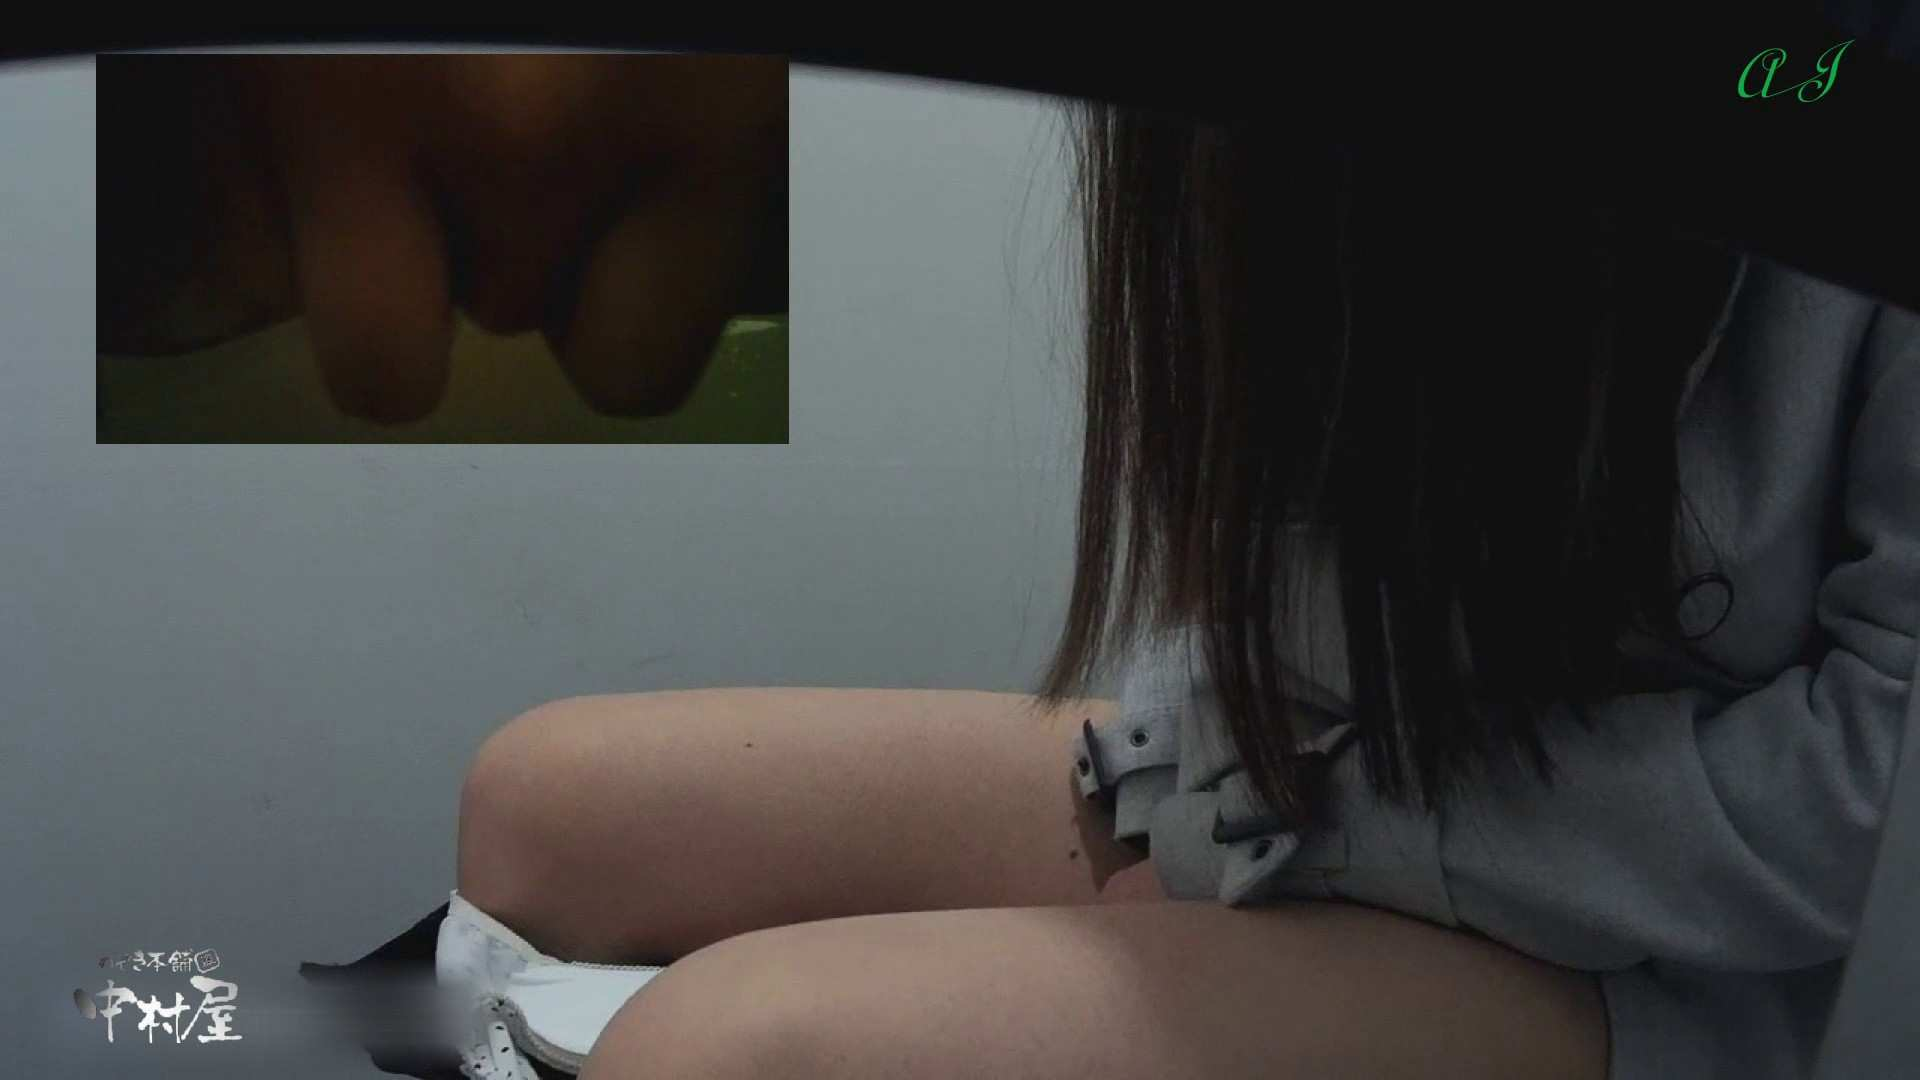 有名大学女性洗面所 vol.82 前編 洗面所編 のぞき動画キャプチャ 91PIX 77